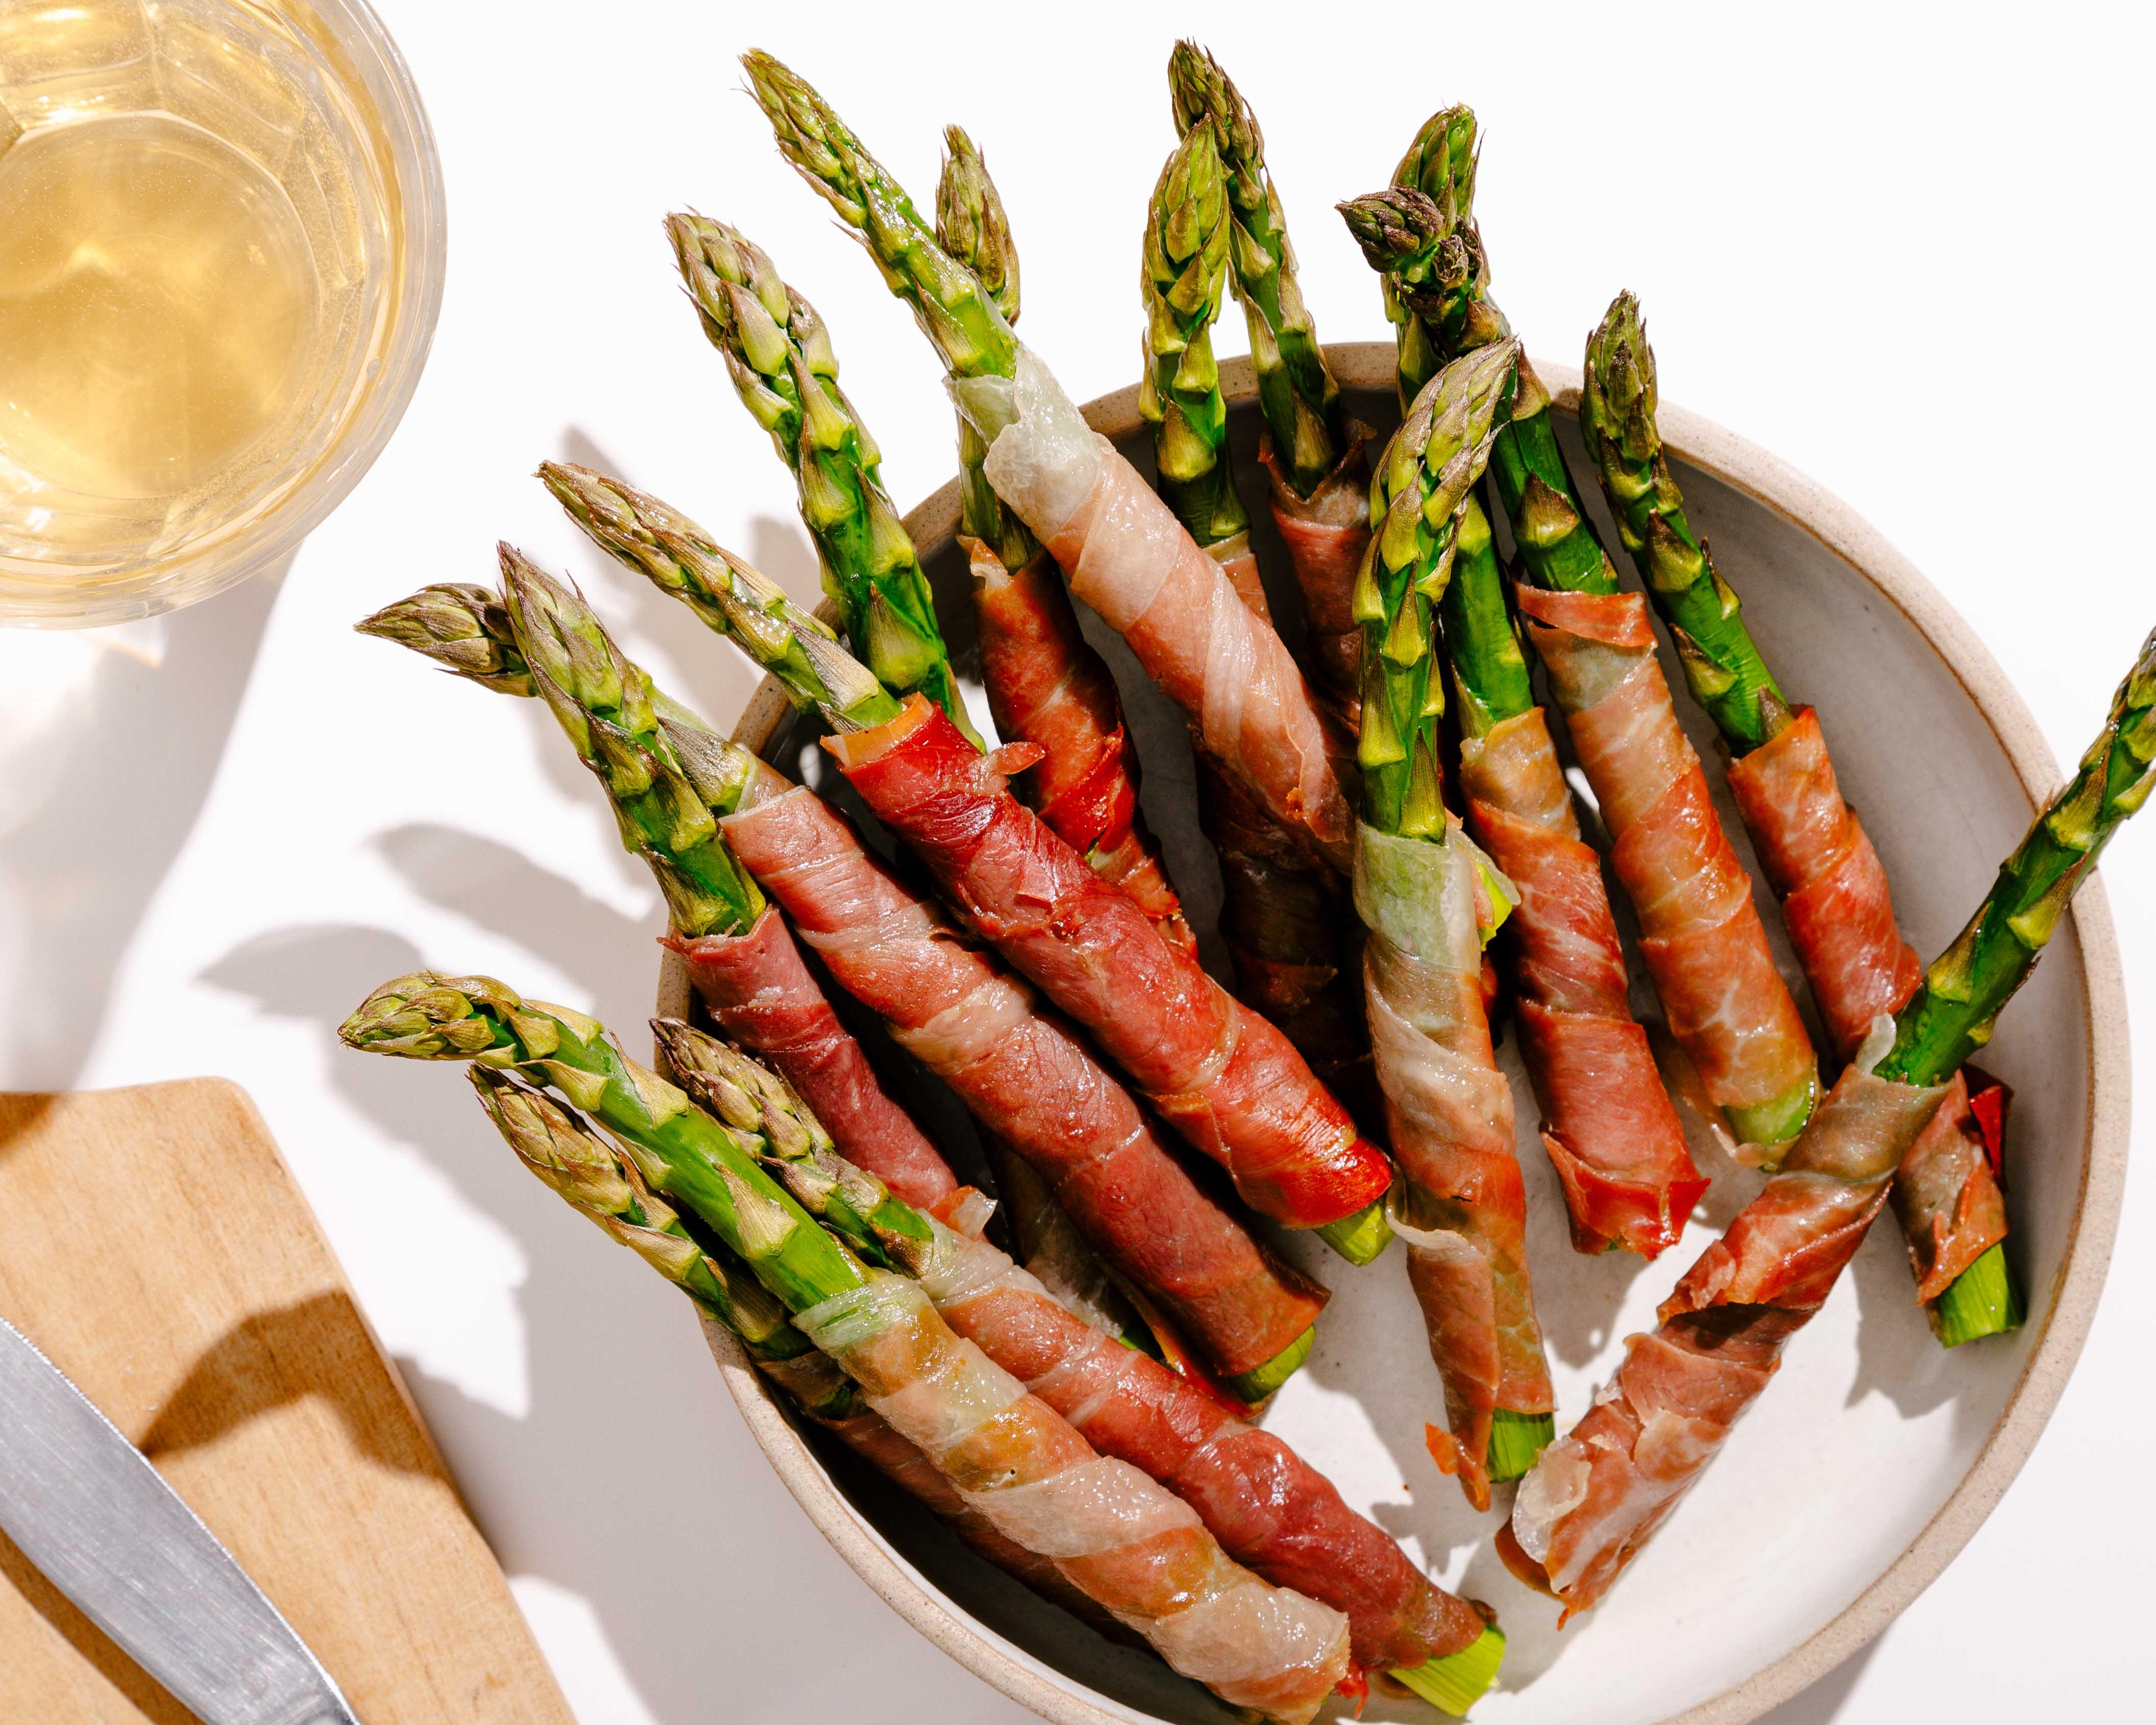 Crunchy Prosciutto Wrapped Asparagus